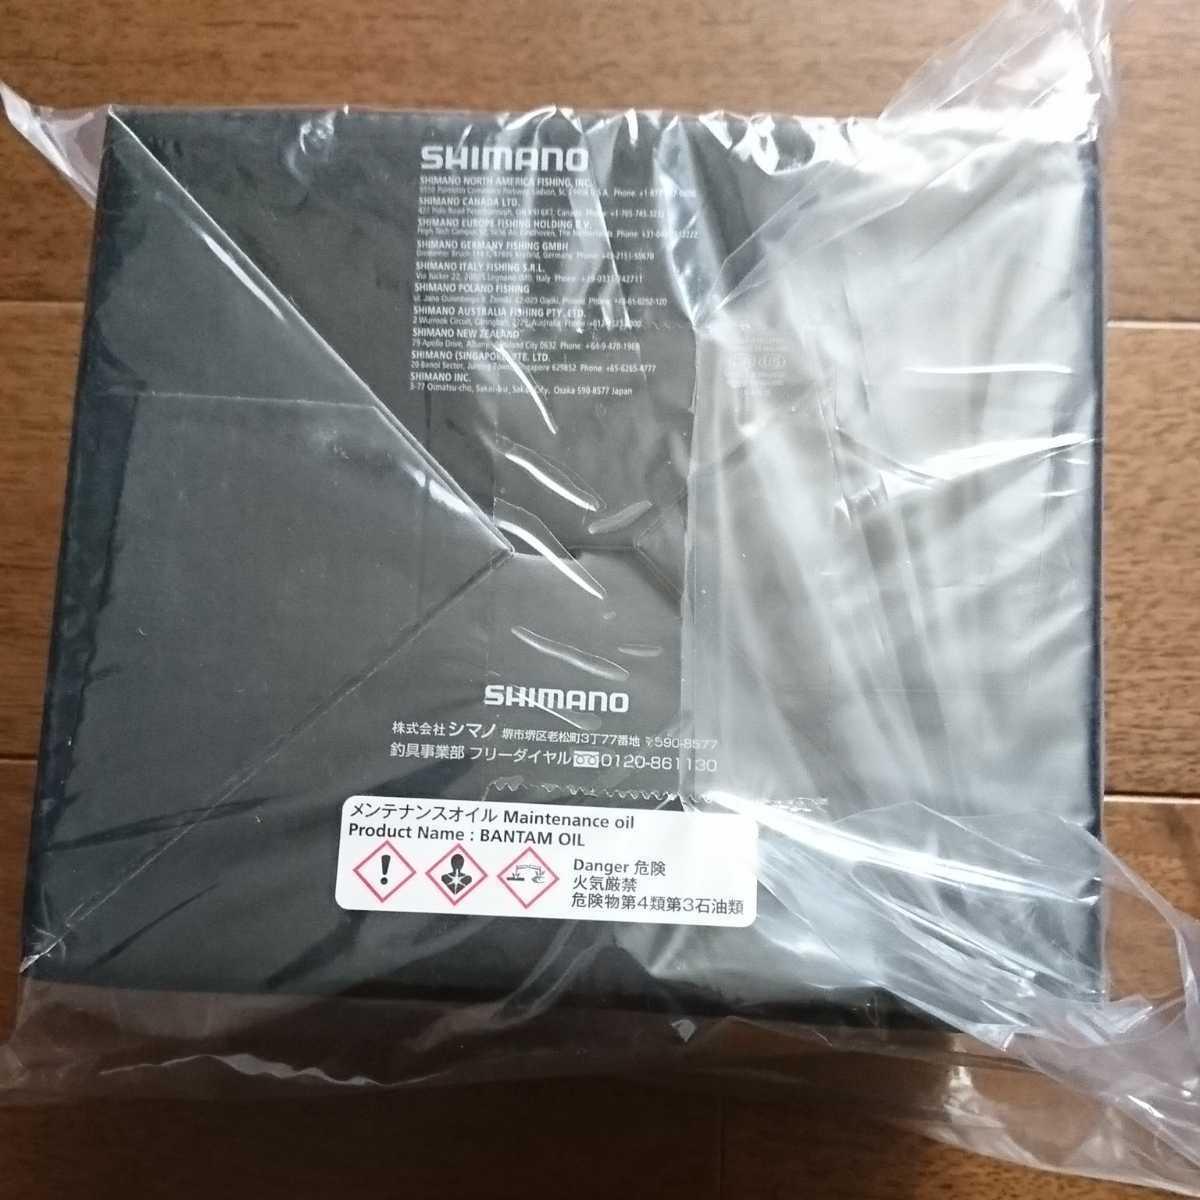 送料無料 新品 未開封 シマノ SHIMANO ベイトリール 20 エクスセンス DC SS HG LEFT 左ハンドル レフトハンドル ソルト DCSS 日本仕様_画像4